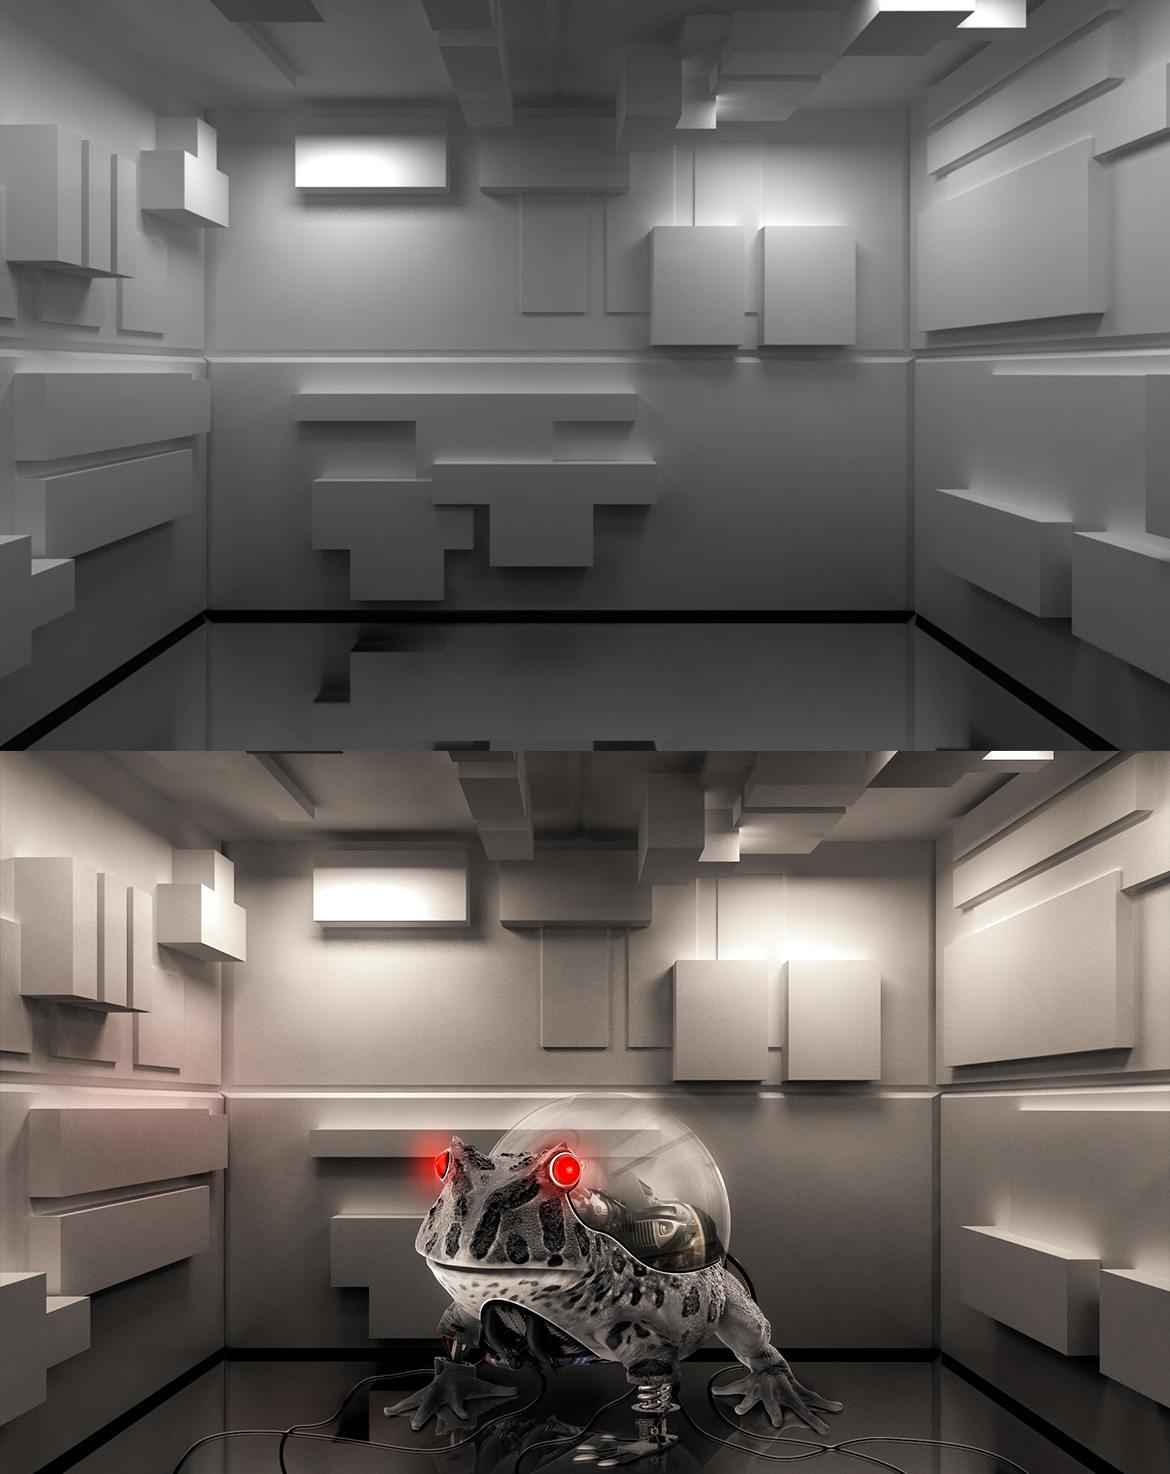 画像合成 - 機械のカエル